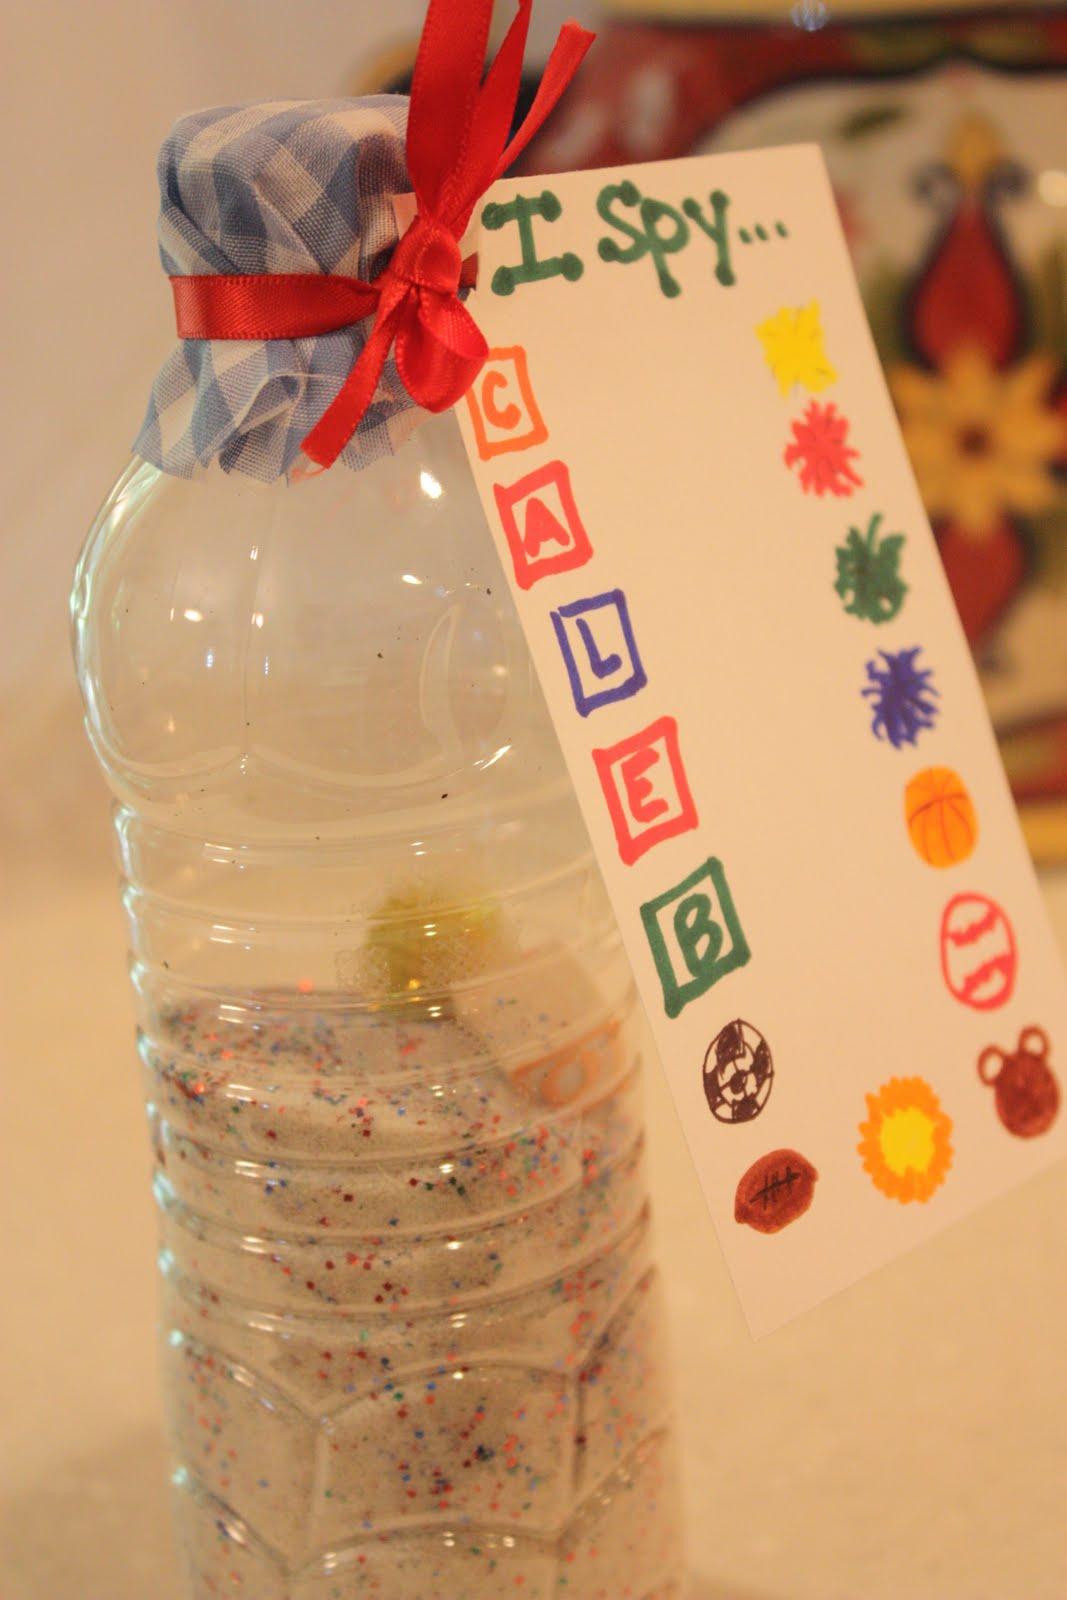 Frugal crafts for kids i spy in a bottle for Spy crafts for kids